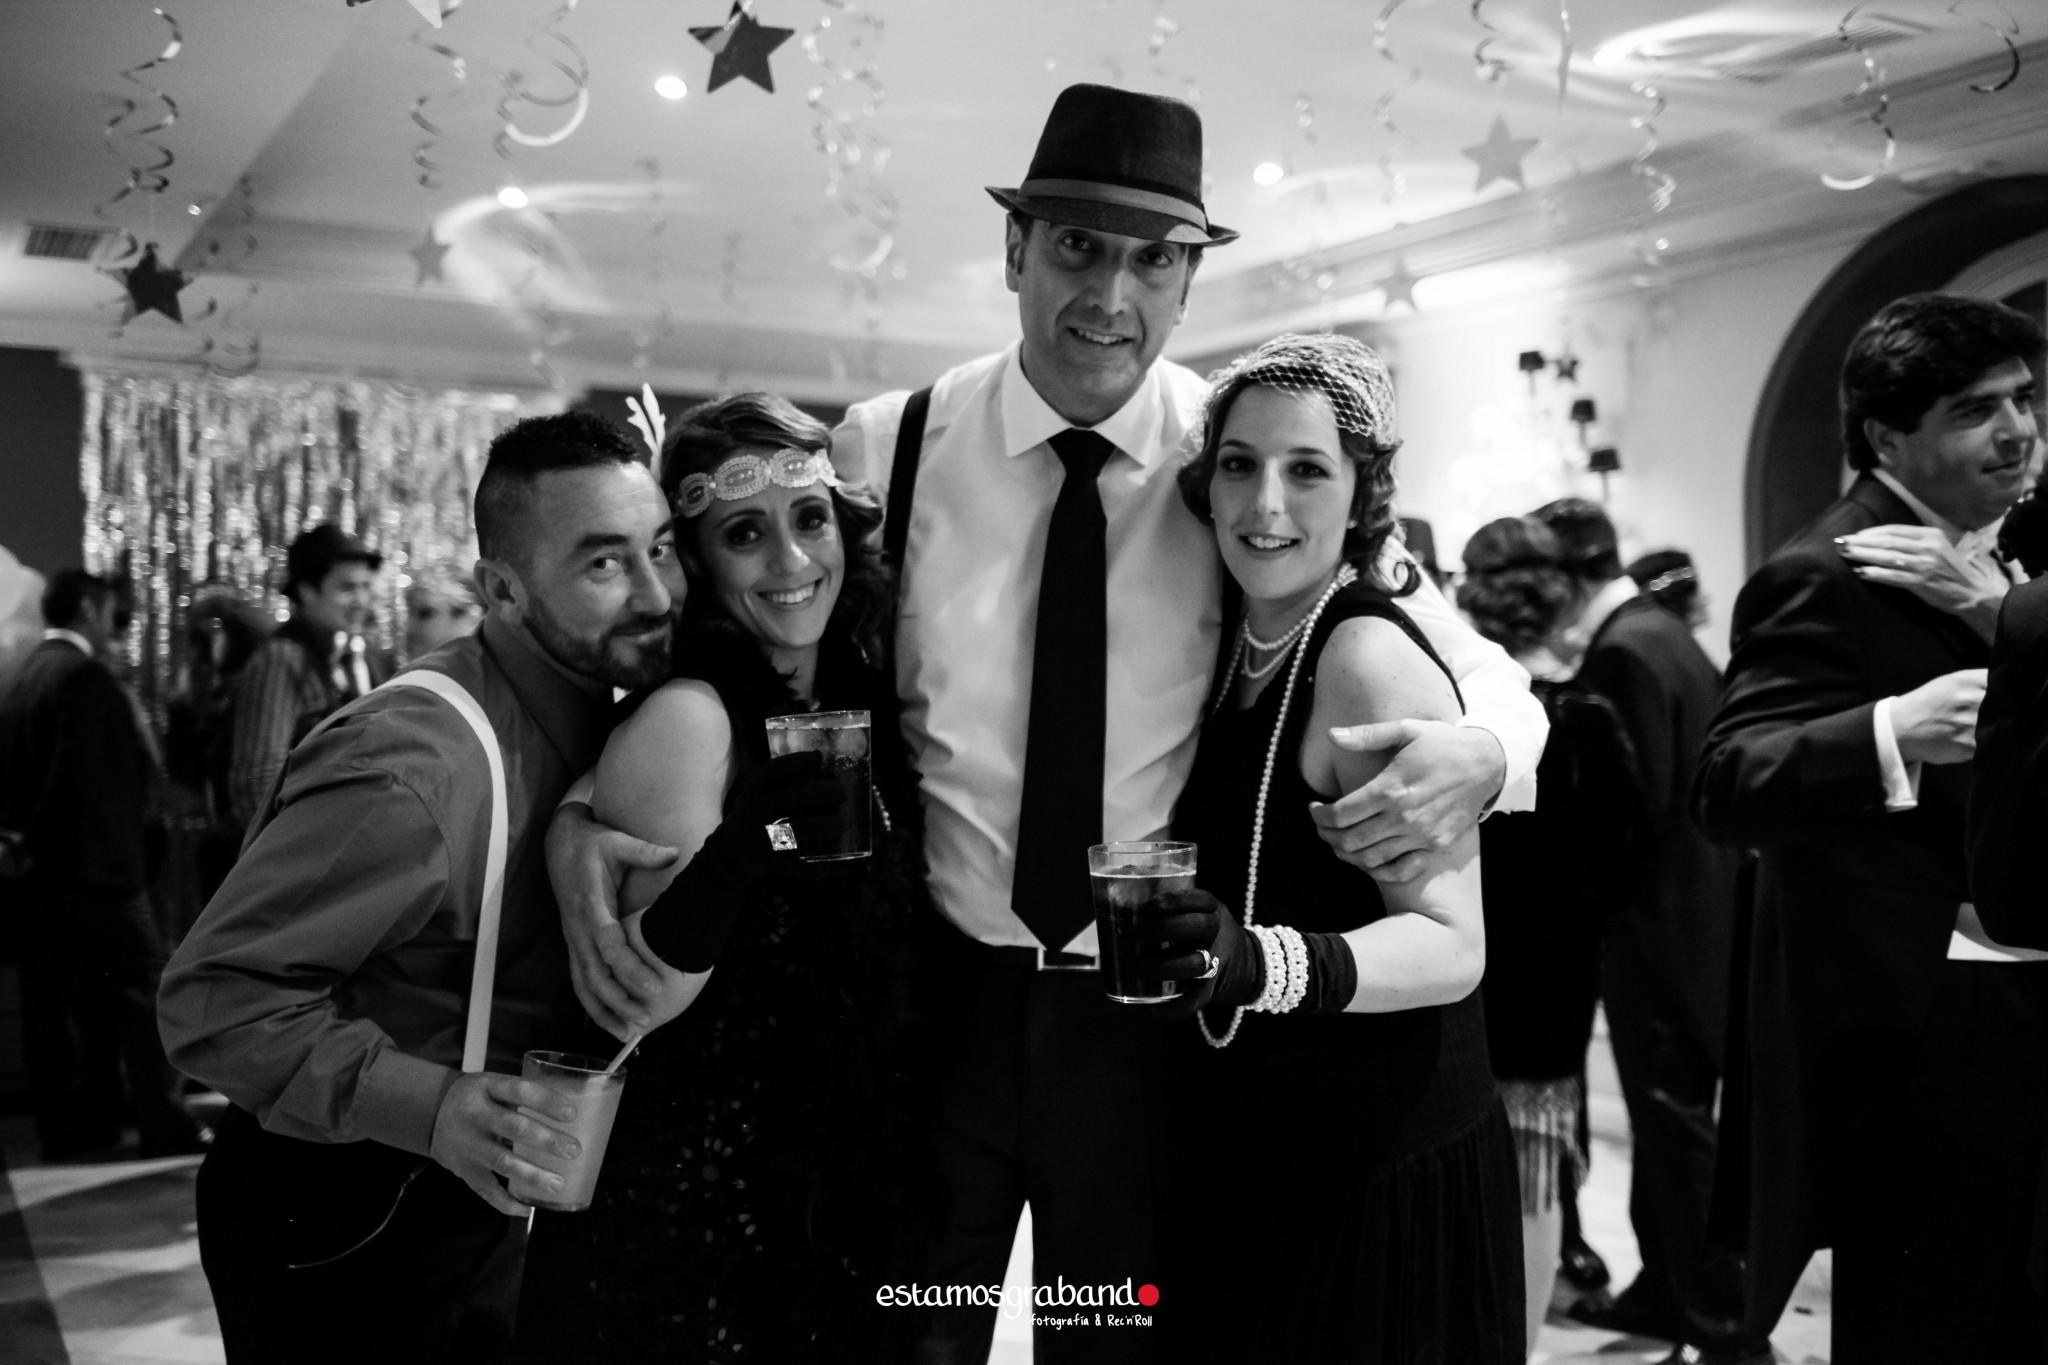 Años-20-BBTP-91-de-109 Los locos Años 20 [Fotografía en La Teta de Julieta, Cádiz] - video boda cadiz